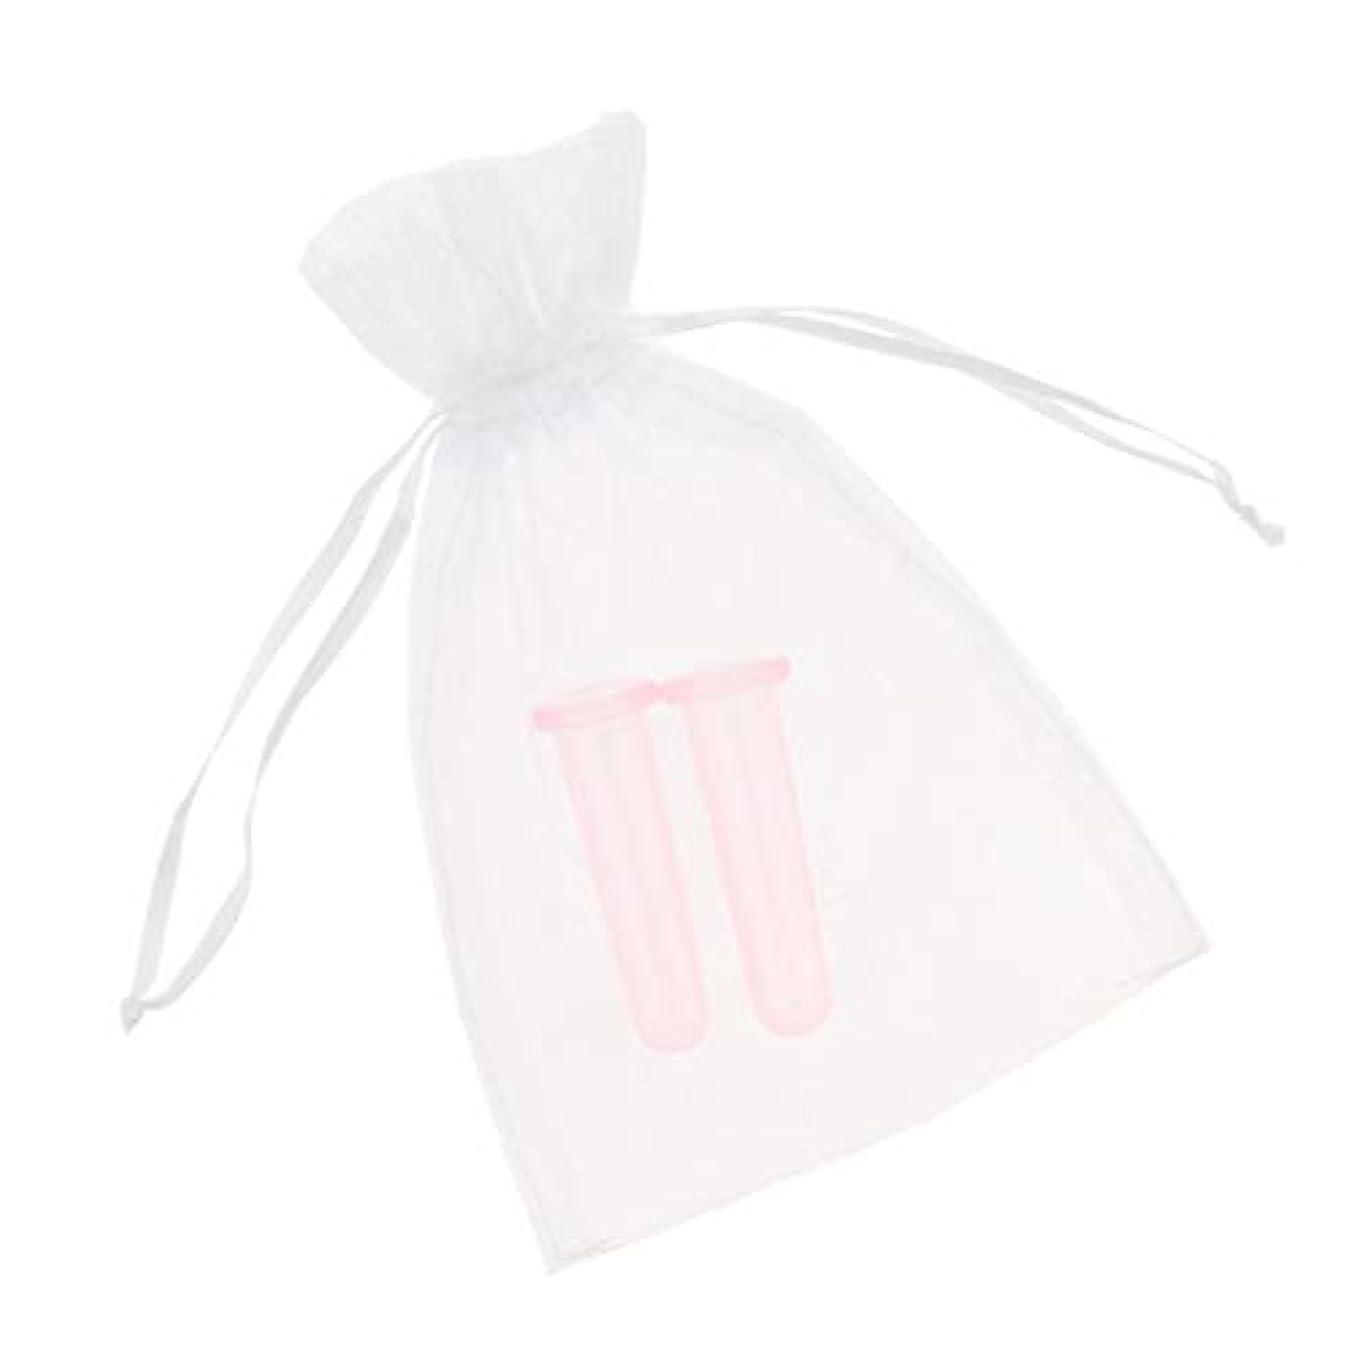 話す祝福ホームレスFLAMEER 2個 真空顔用 シリコーン マッサージカップ 吸い玉 マッサージ カッピング 収納ポーチ付き 全2色 - ピンク